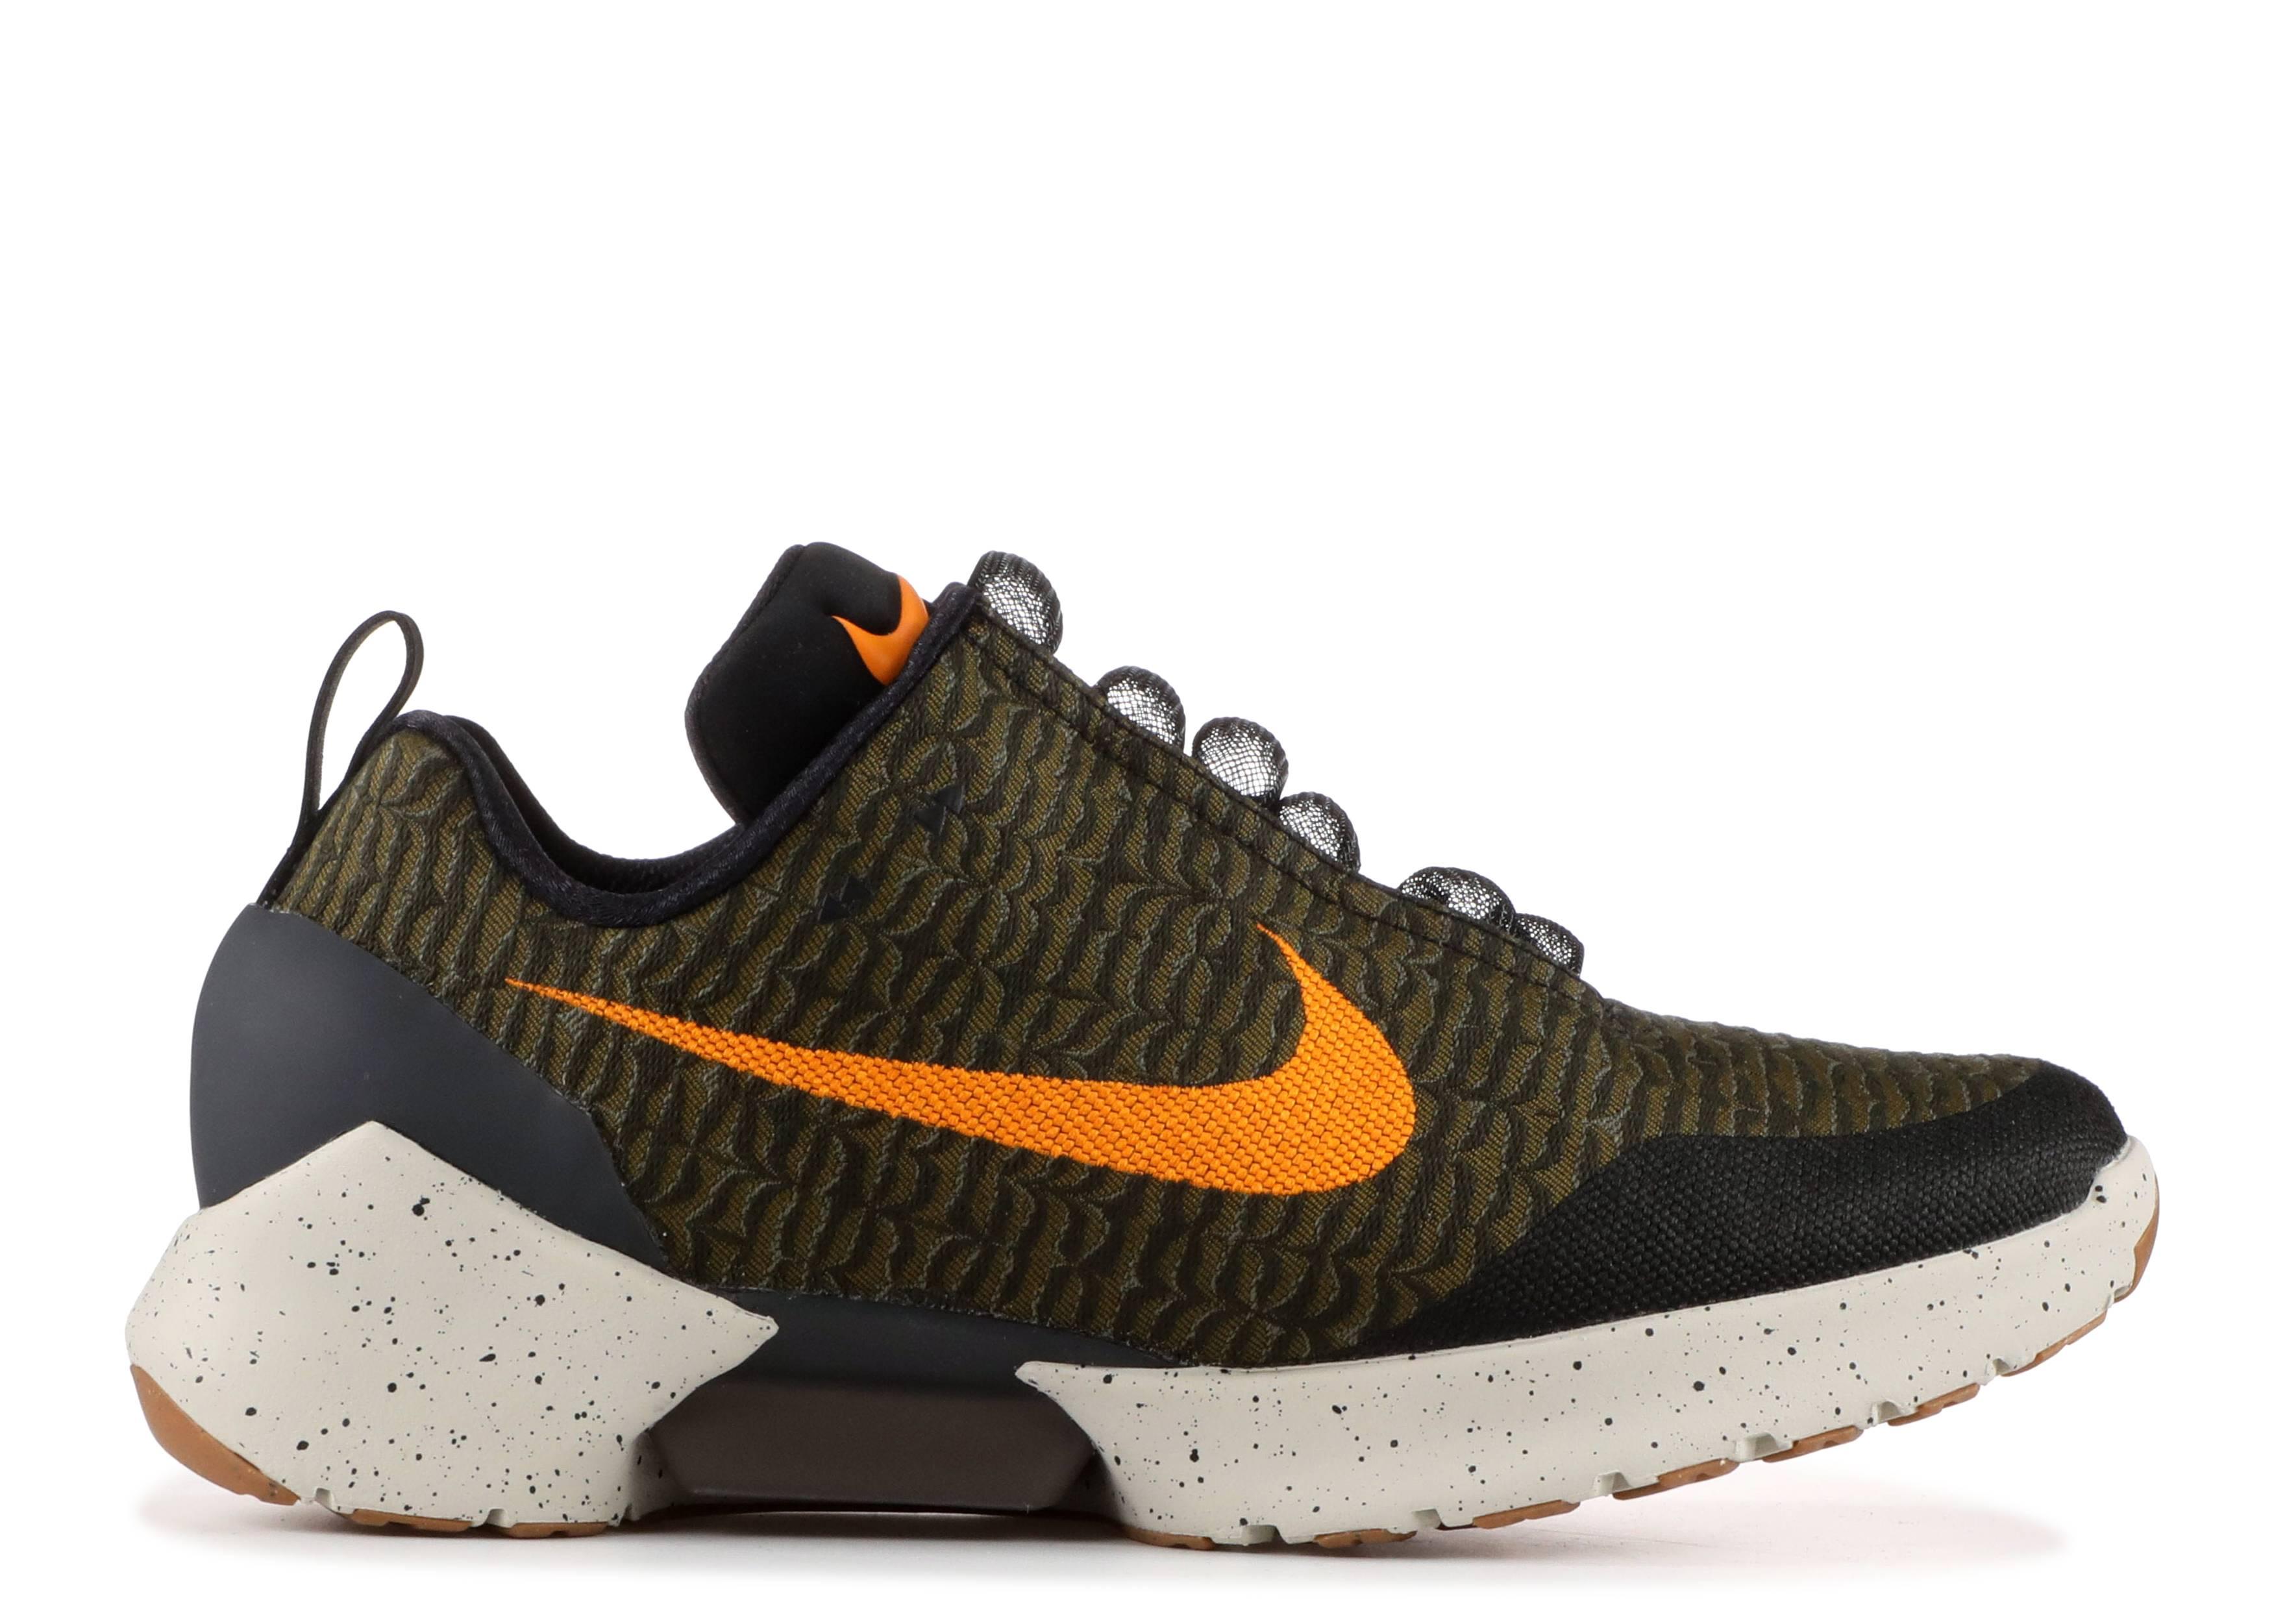 9e5a4ef0e Nike Hyper Adapt 1.0